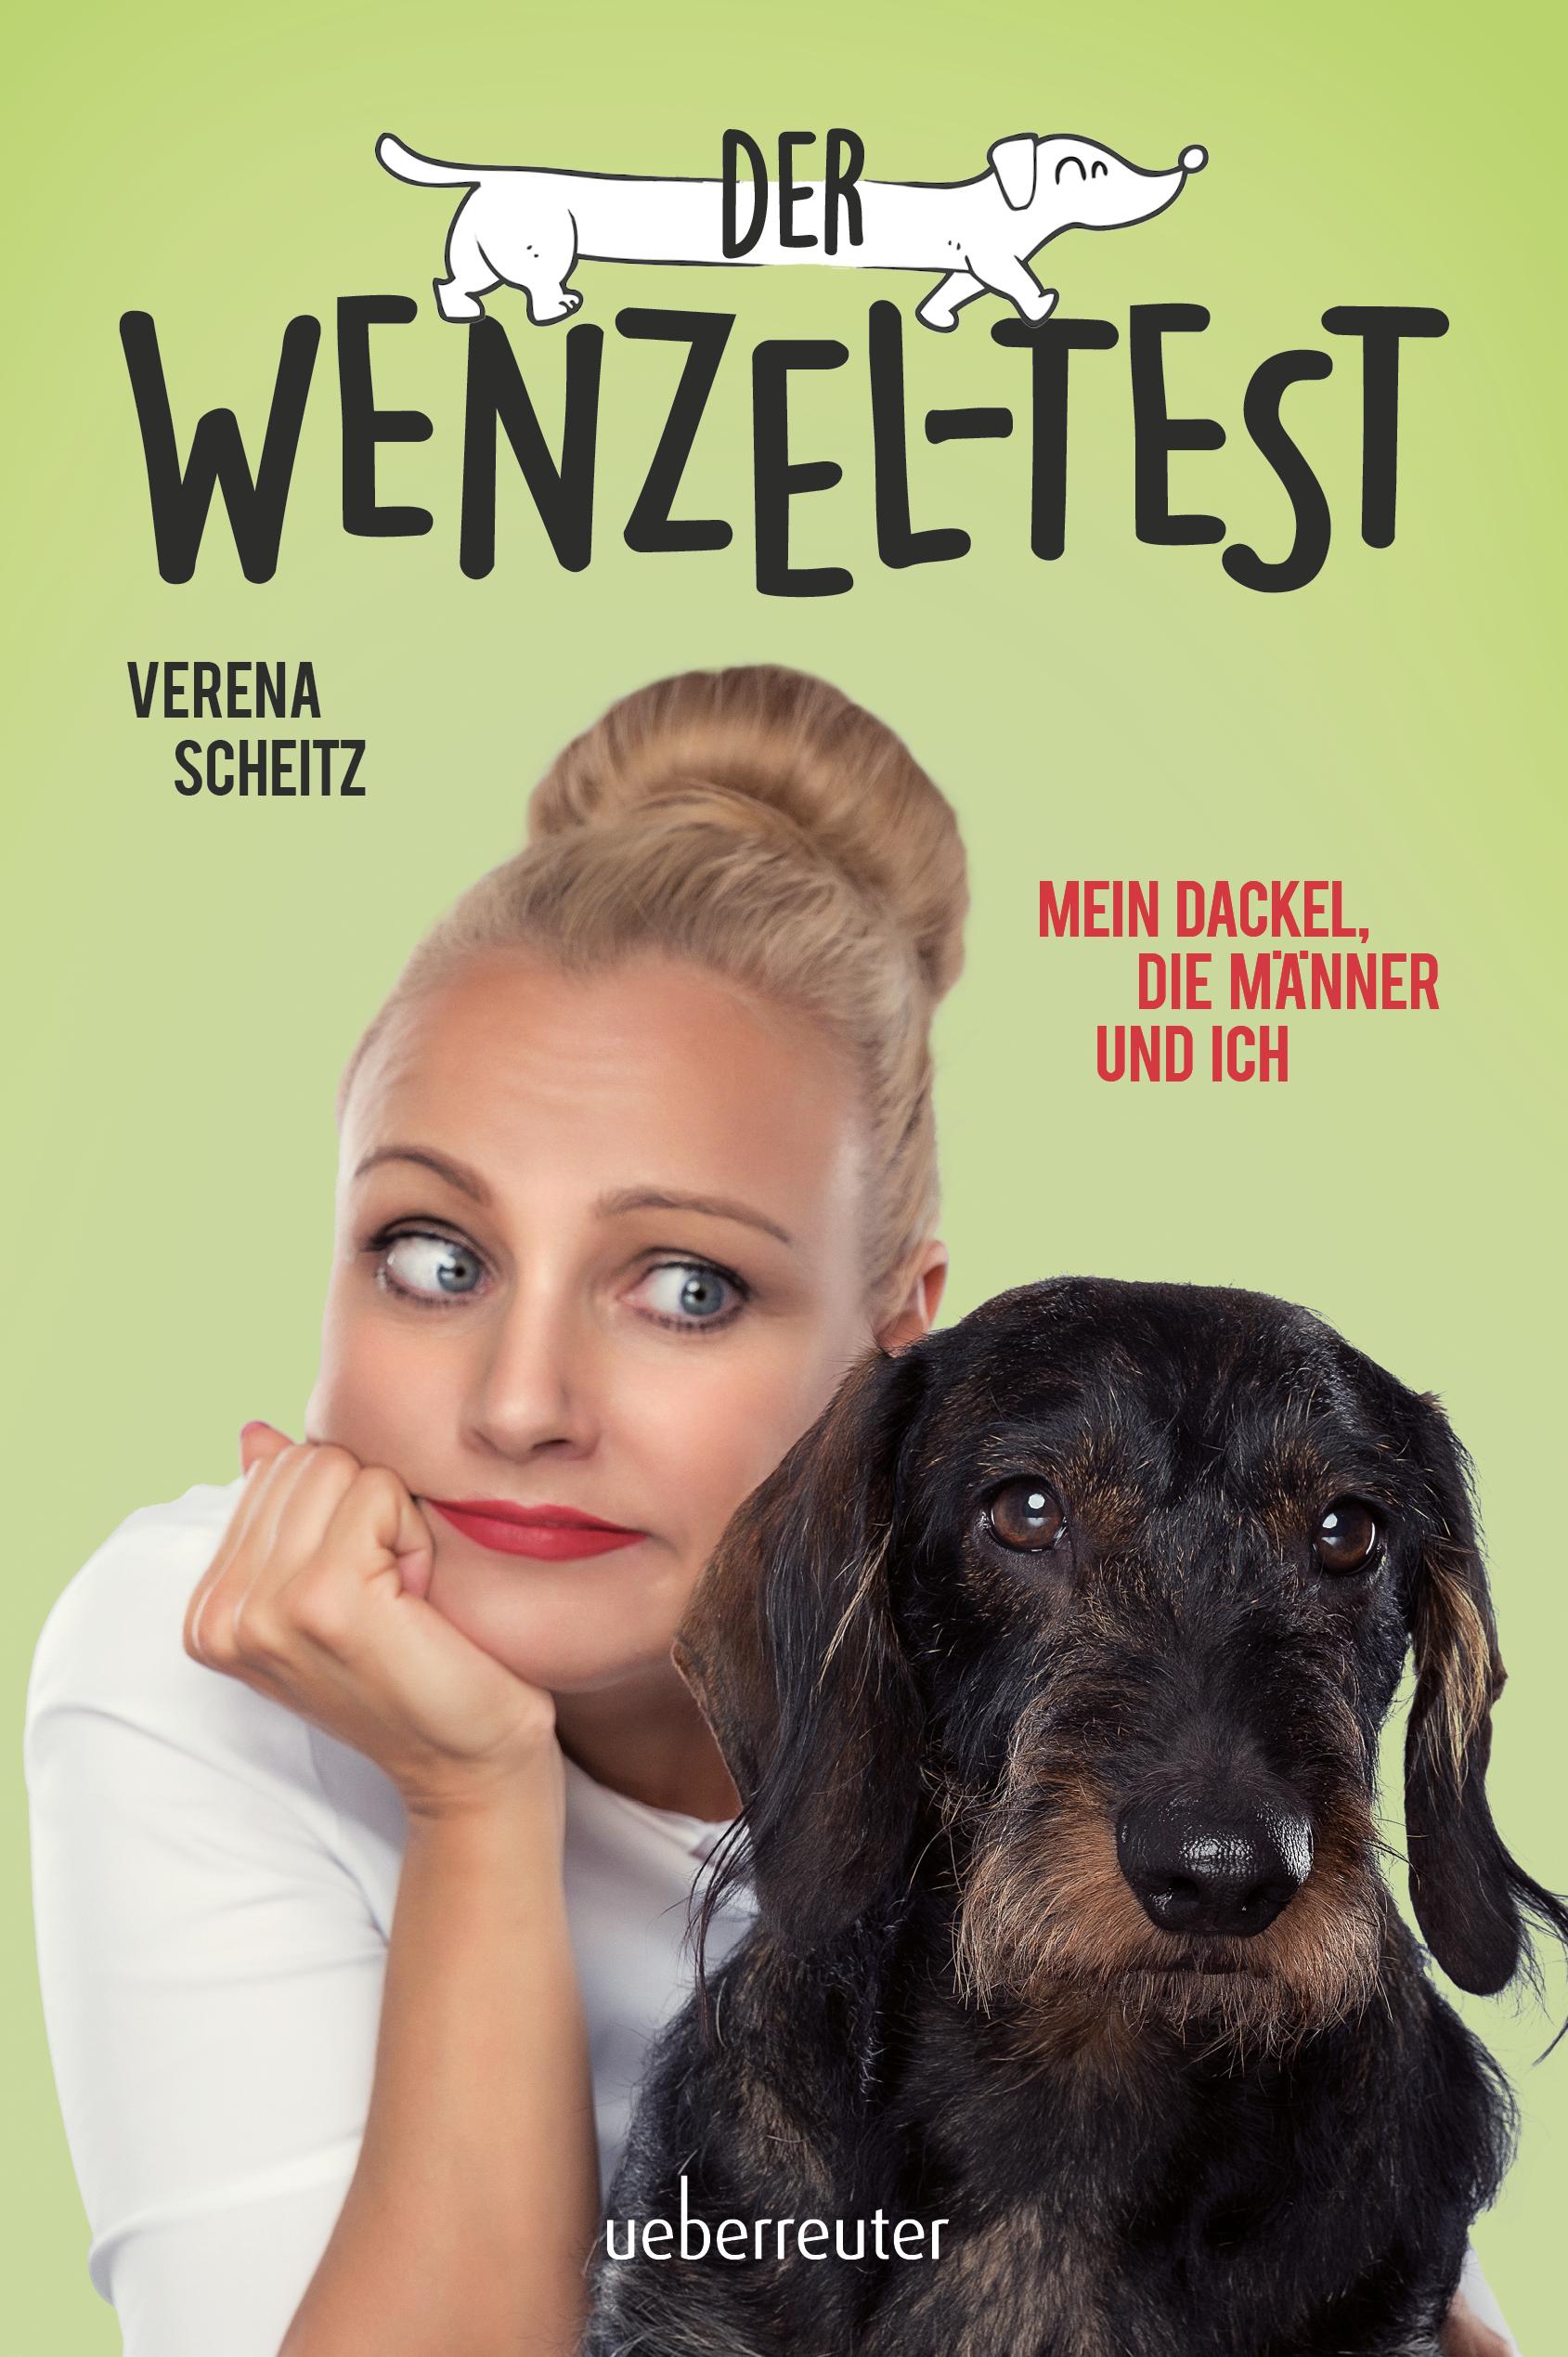 Der Wenzel-Test Buchcover